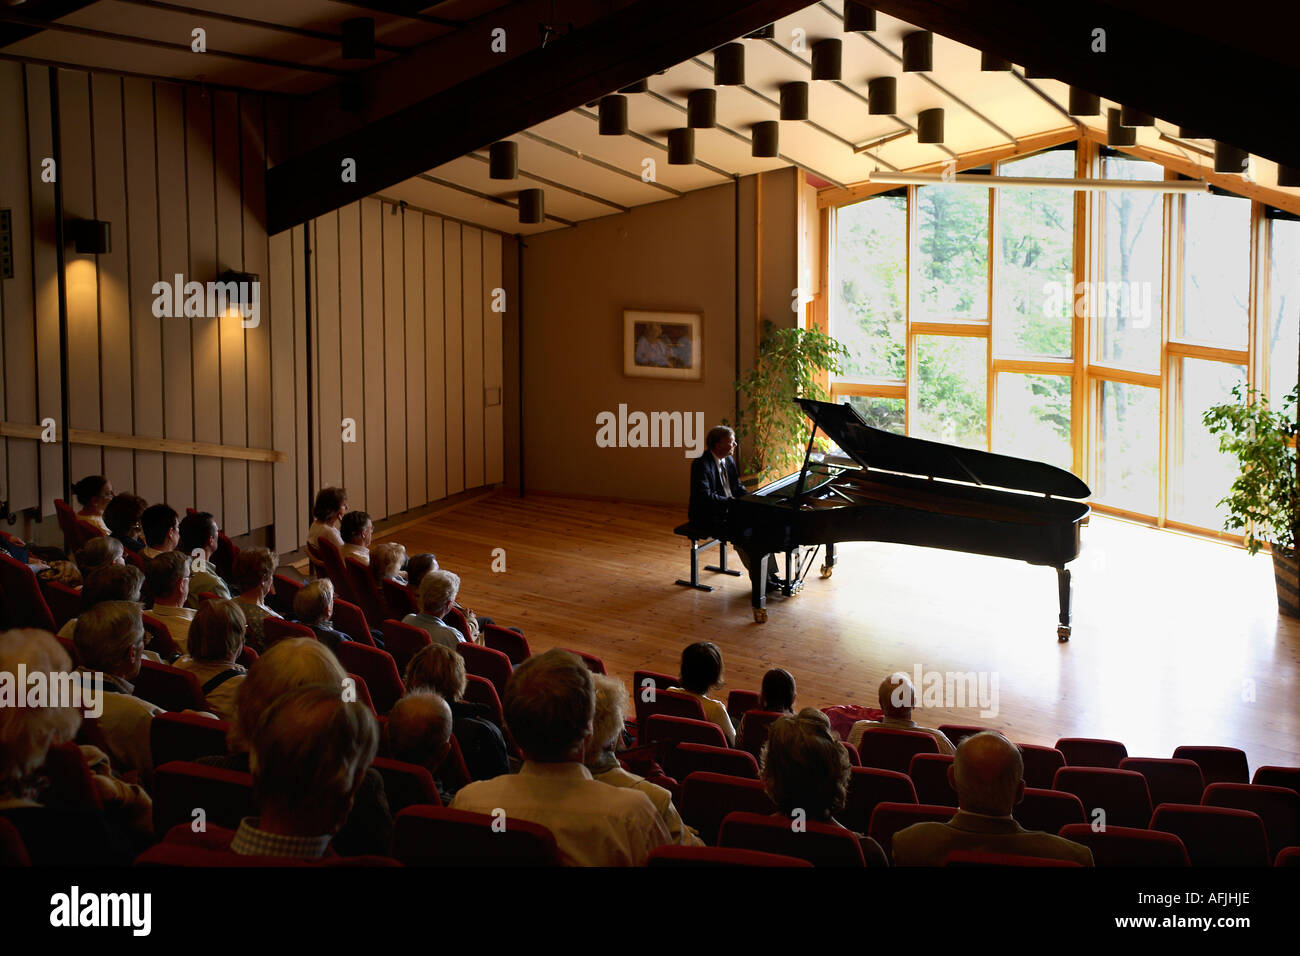 Norway. Bergen. Troldhaugen. Concert of Greig's music in concert hall - Stock Image